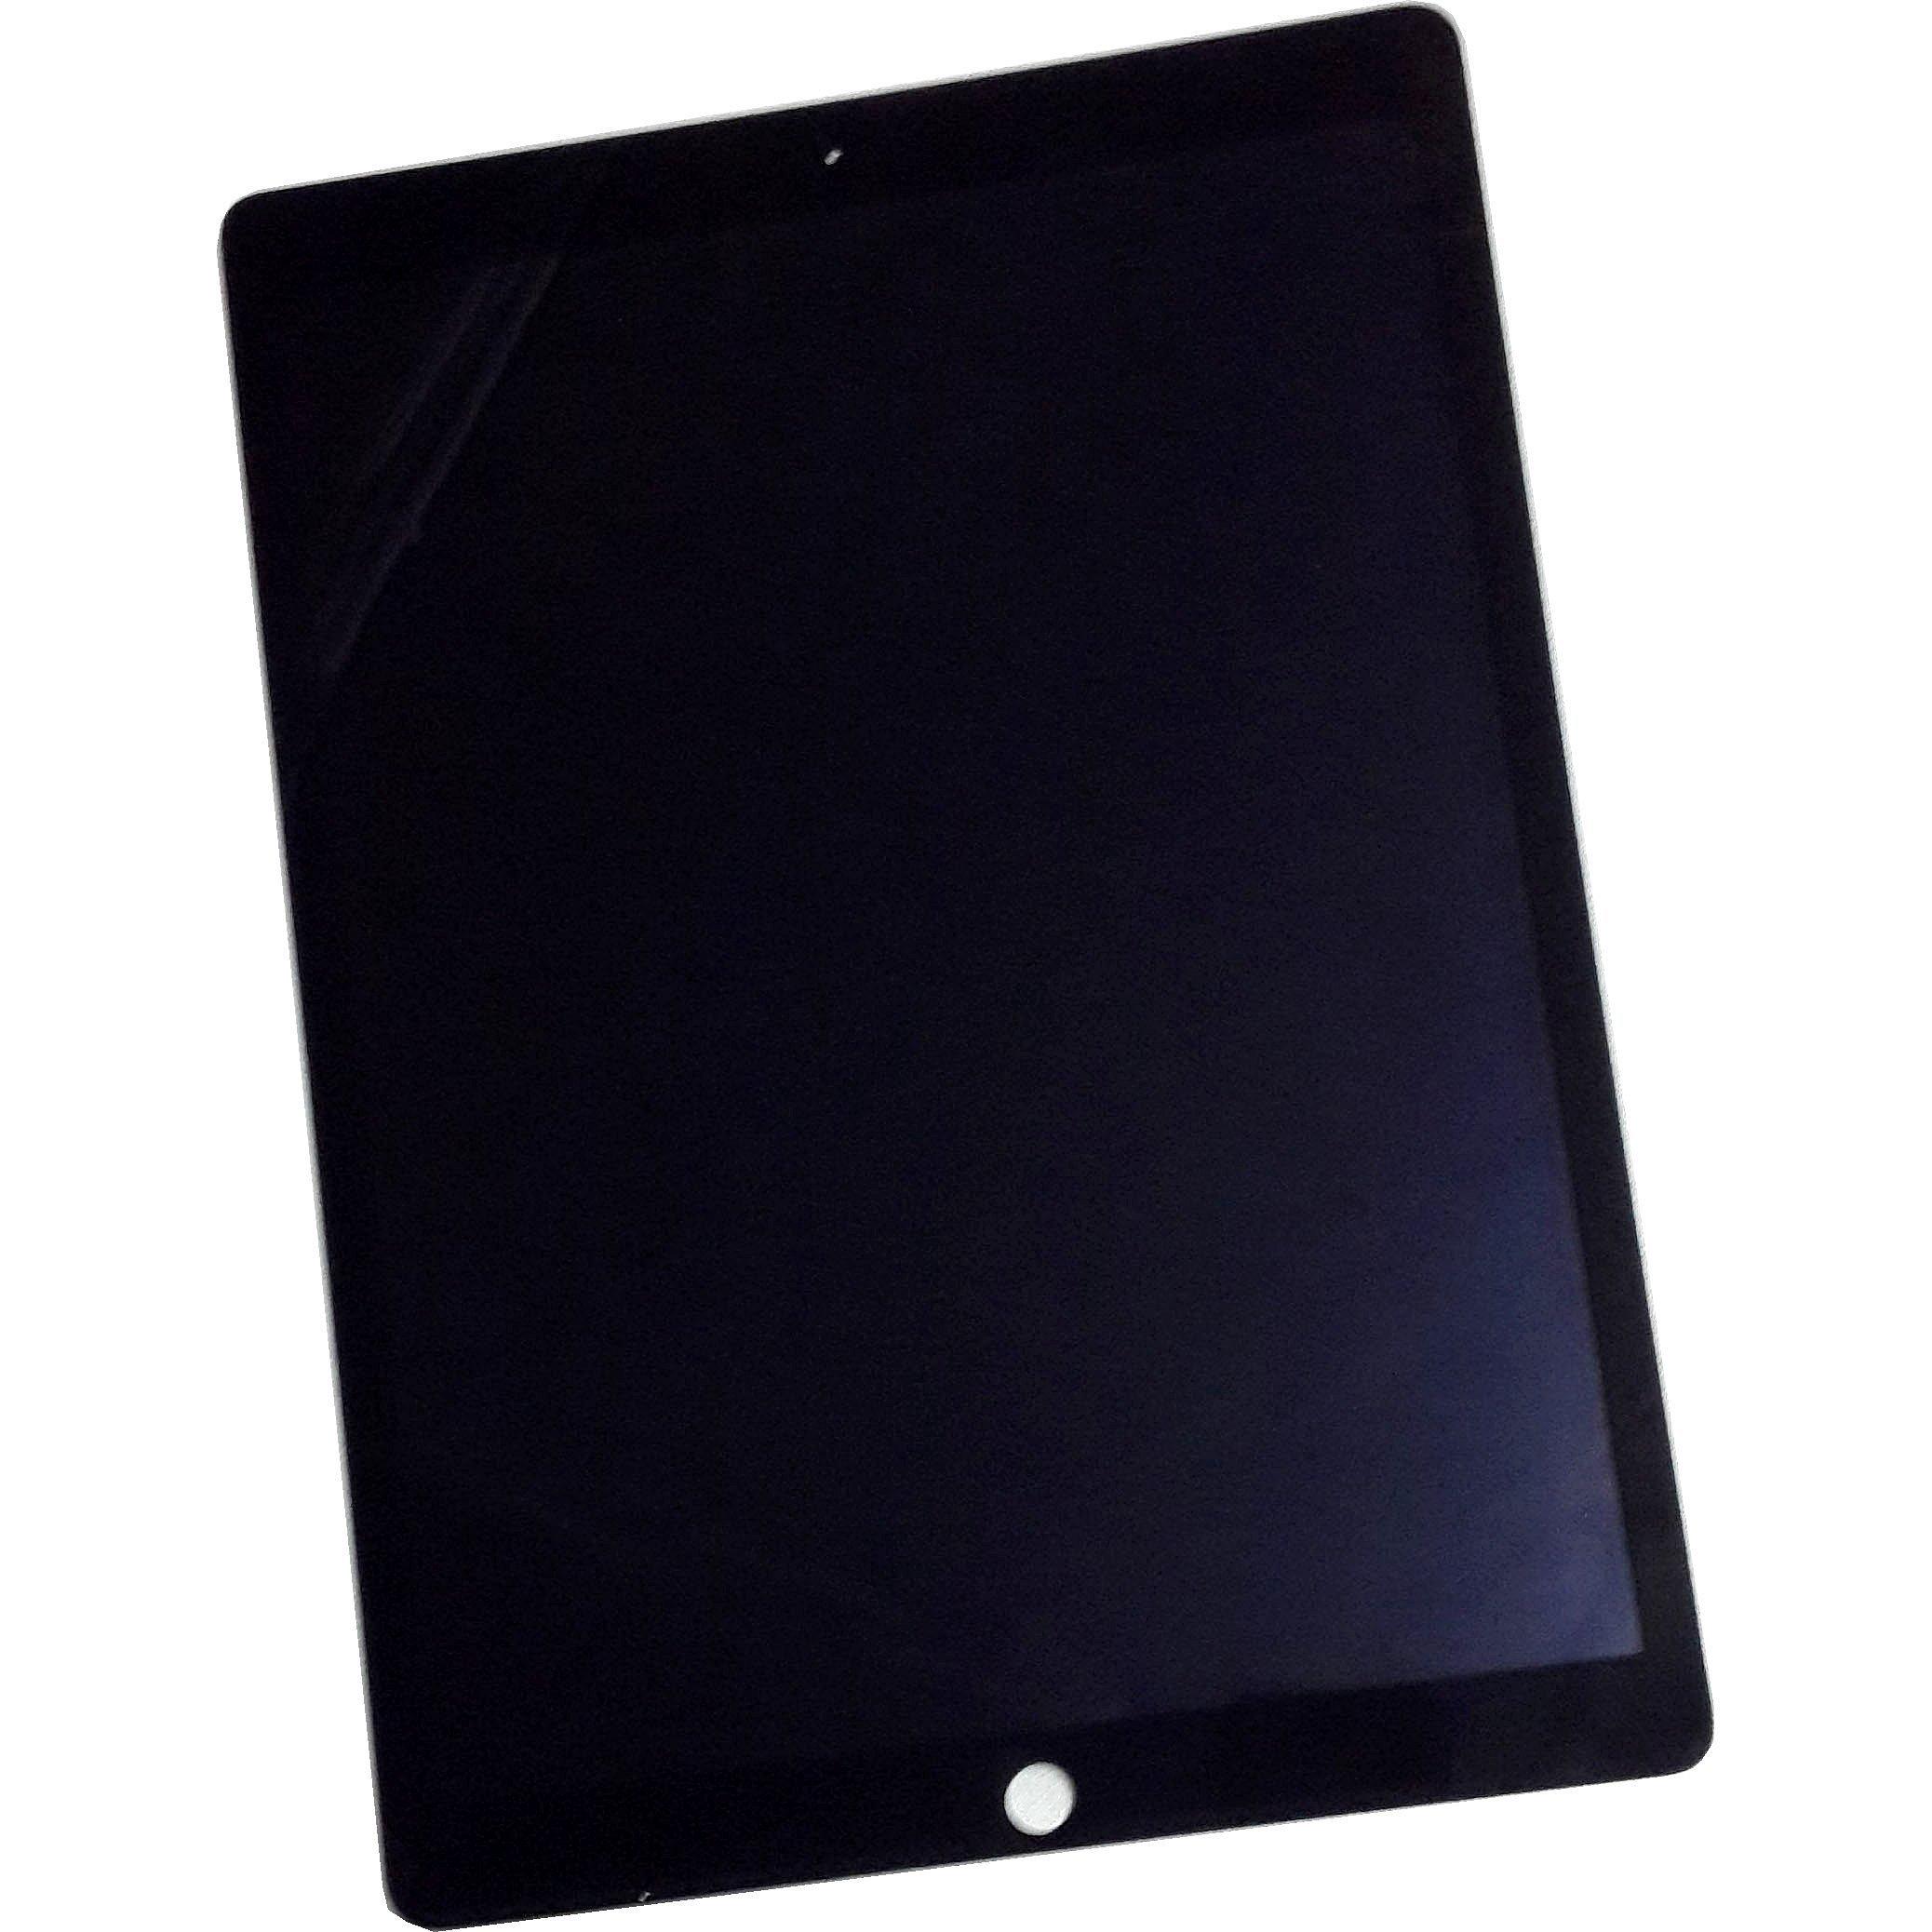 Дисплей iPad Pro 12.9 с тачскрином (A1584, A1652) черный